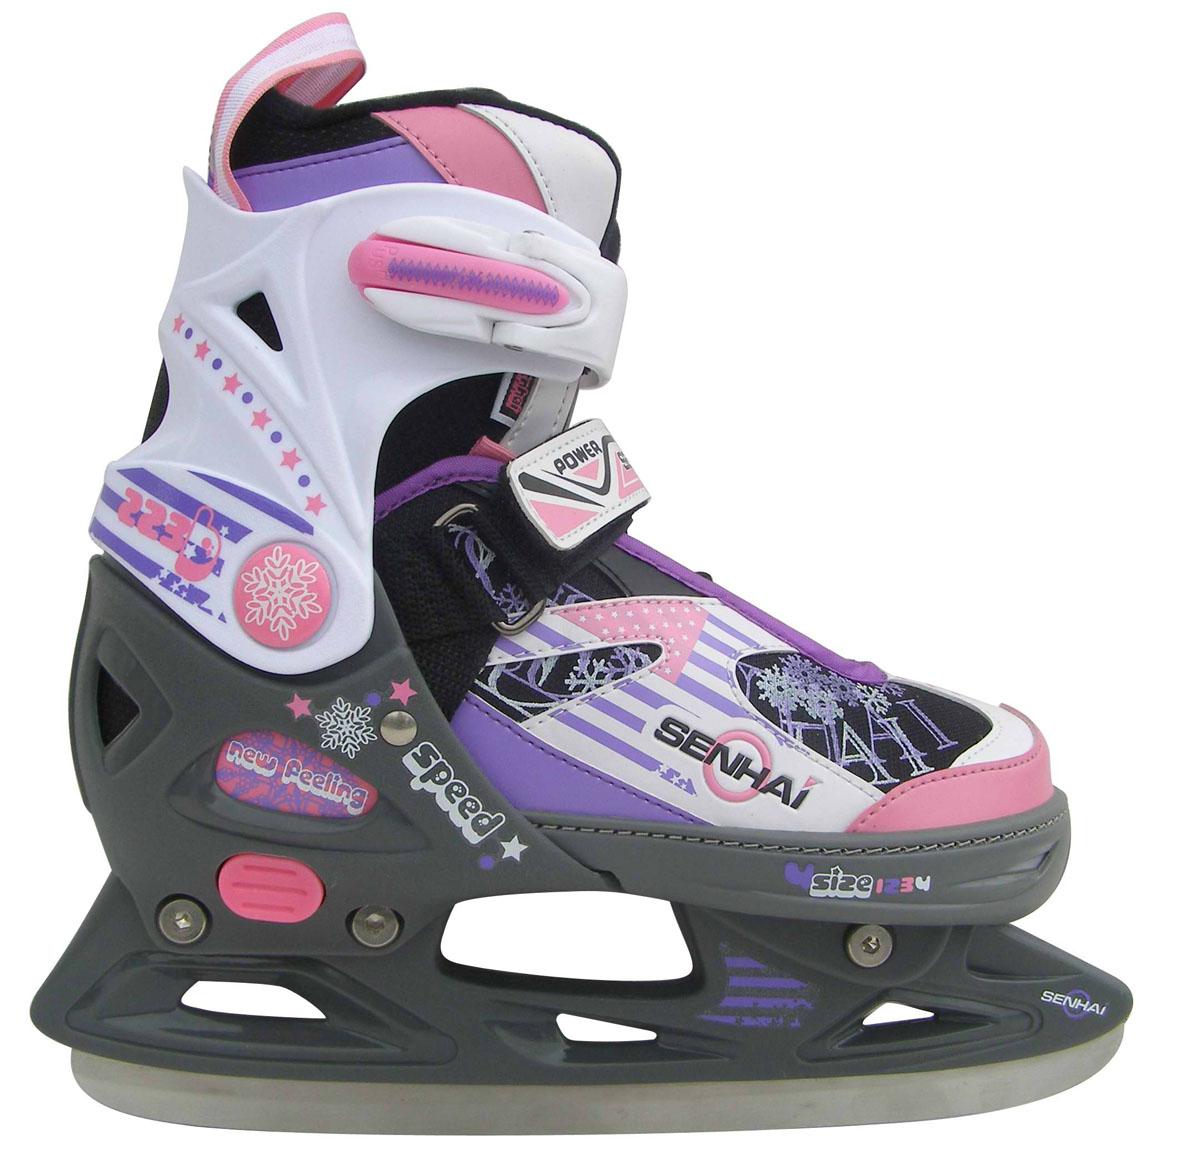 Коньки ледовые Action, раздвижные, цвет: фиолетовый, розовый, белый. PW-226. Размер 37/40